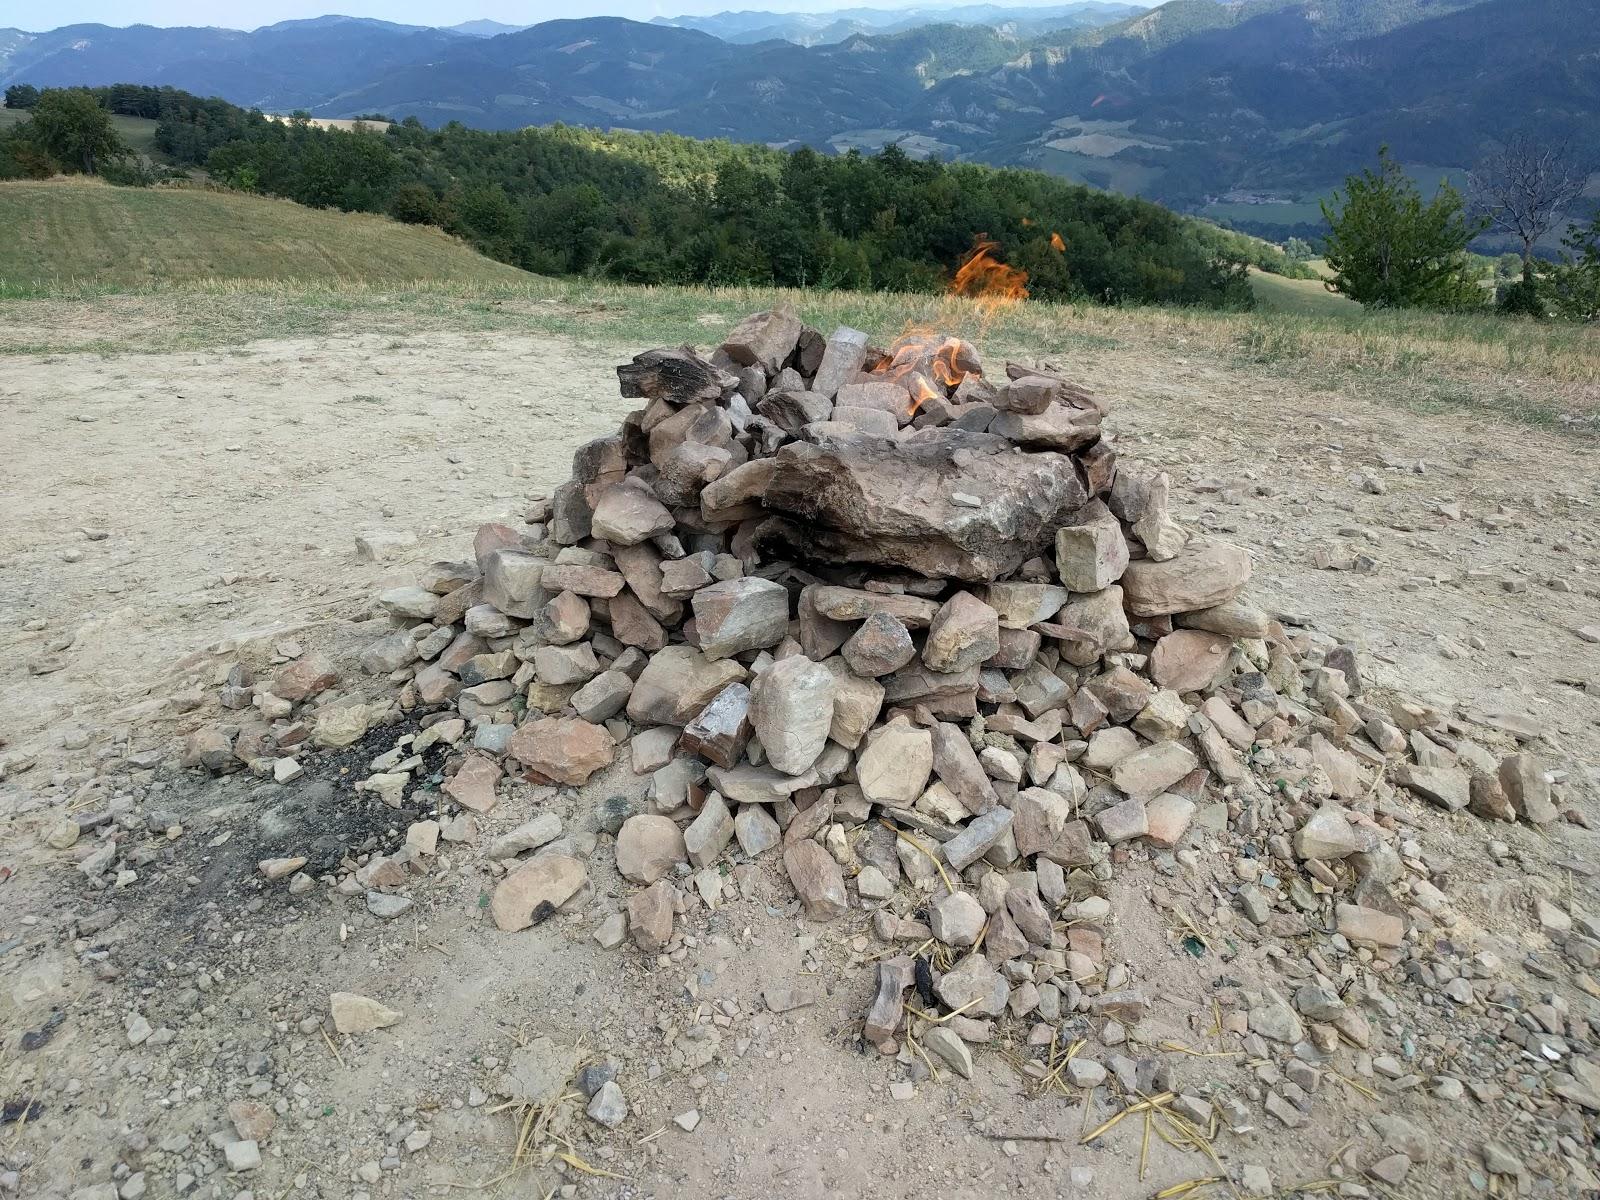 Cimitero Monumentale Predappio Fc visit vulcano monte busca on your trip to tredozio or italy